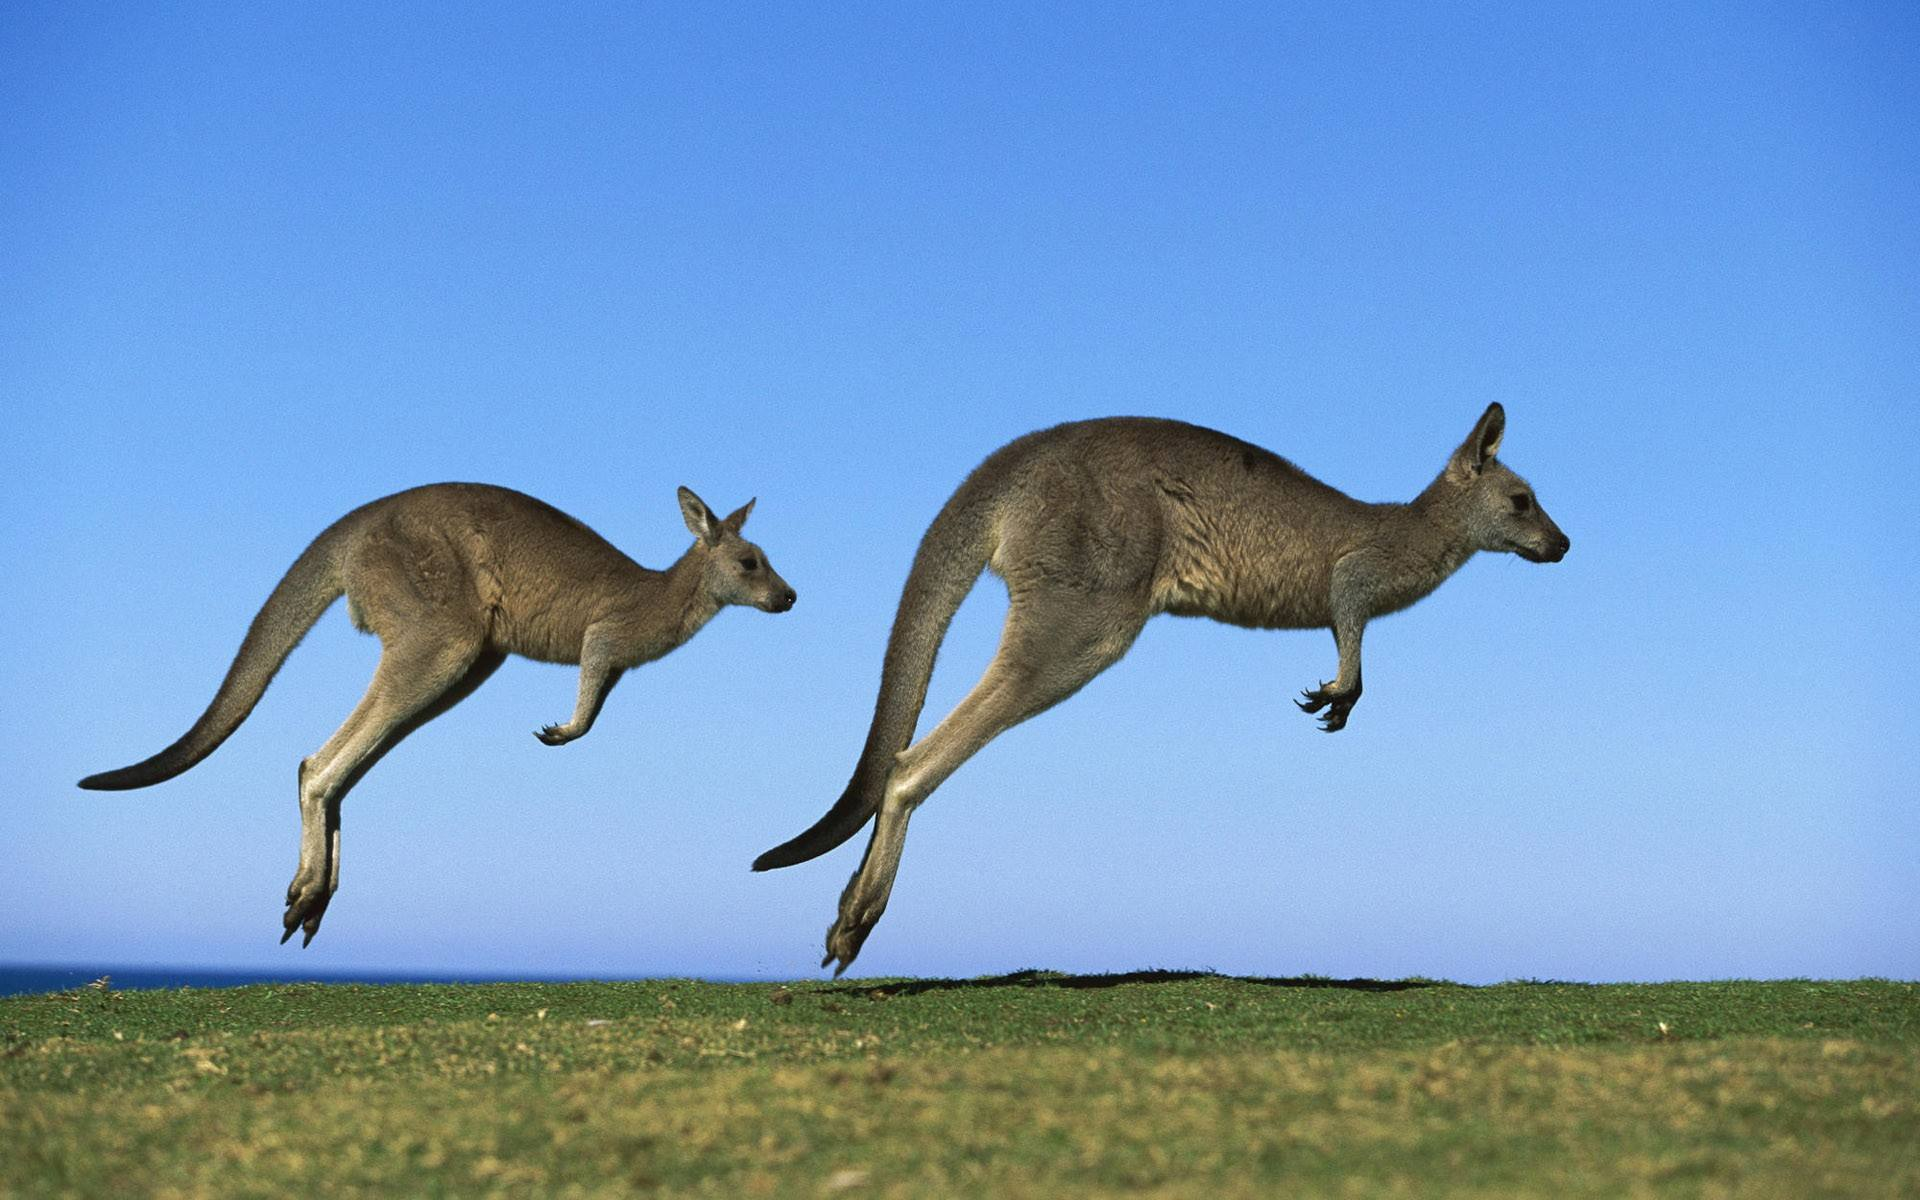 澳洲劳动力短缺技术移民或迎来春天